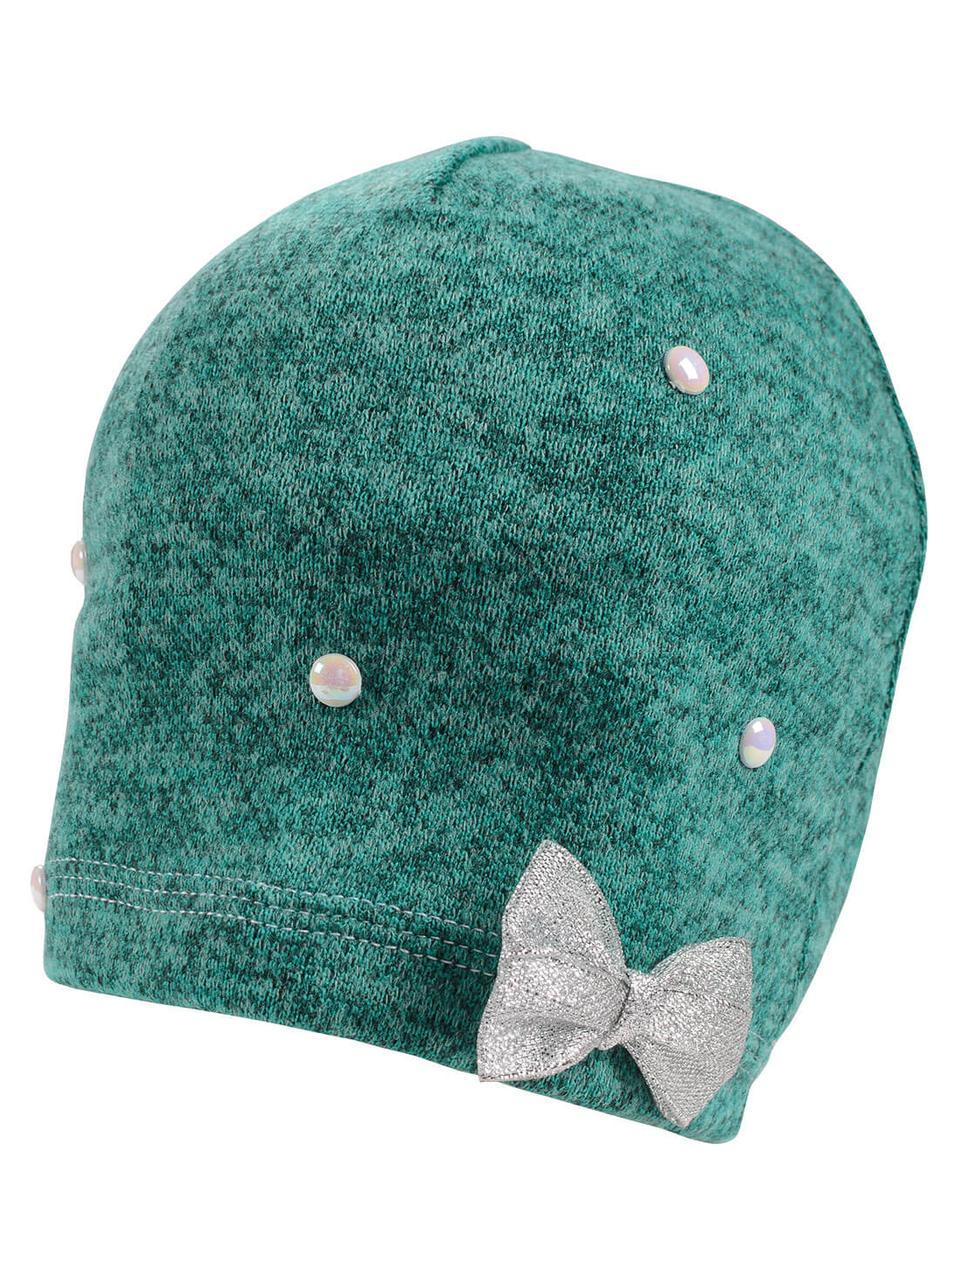 Демисезонная детская шапка на девочку в расцветках, Объём 42-44,46-48